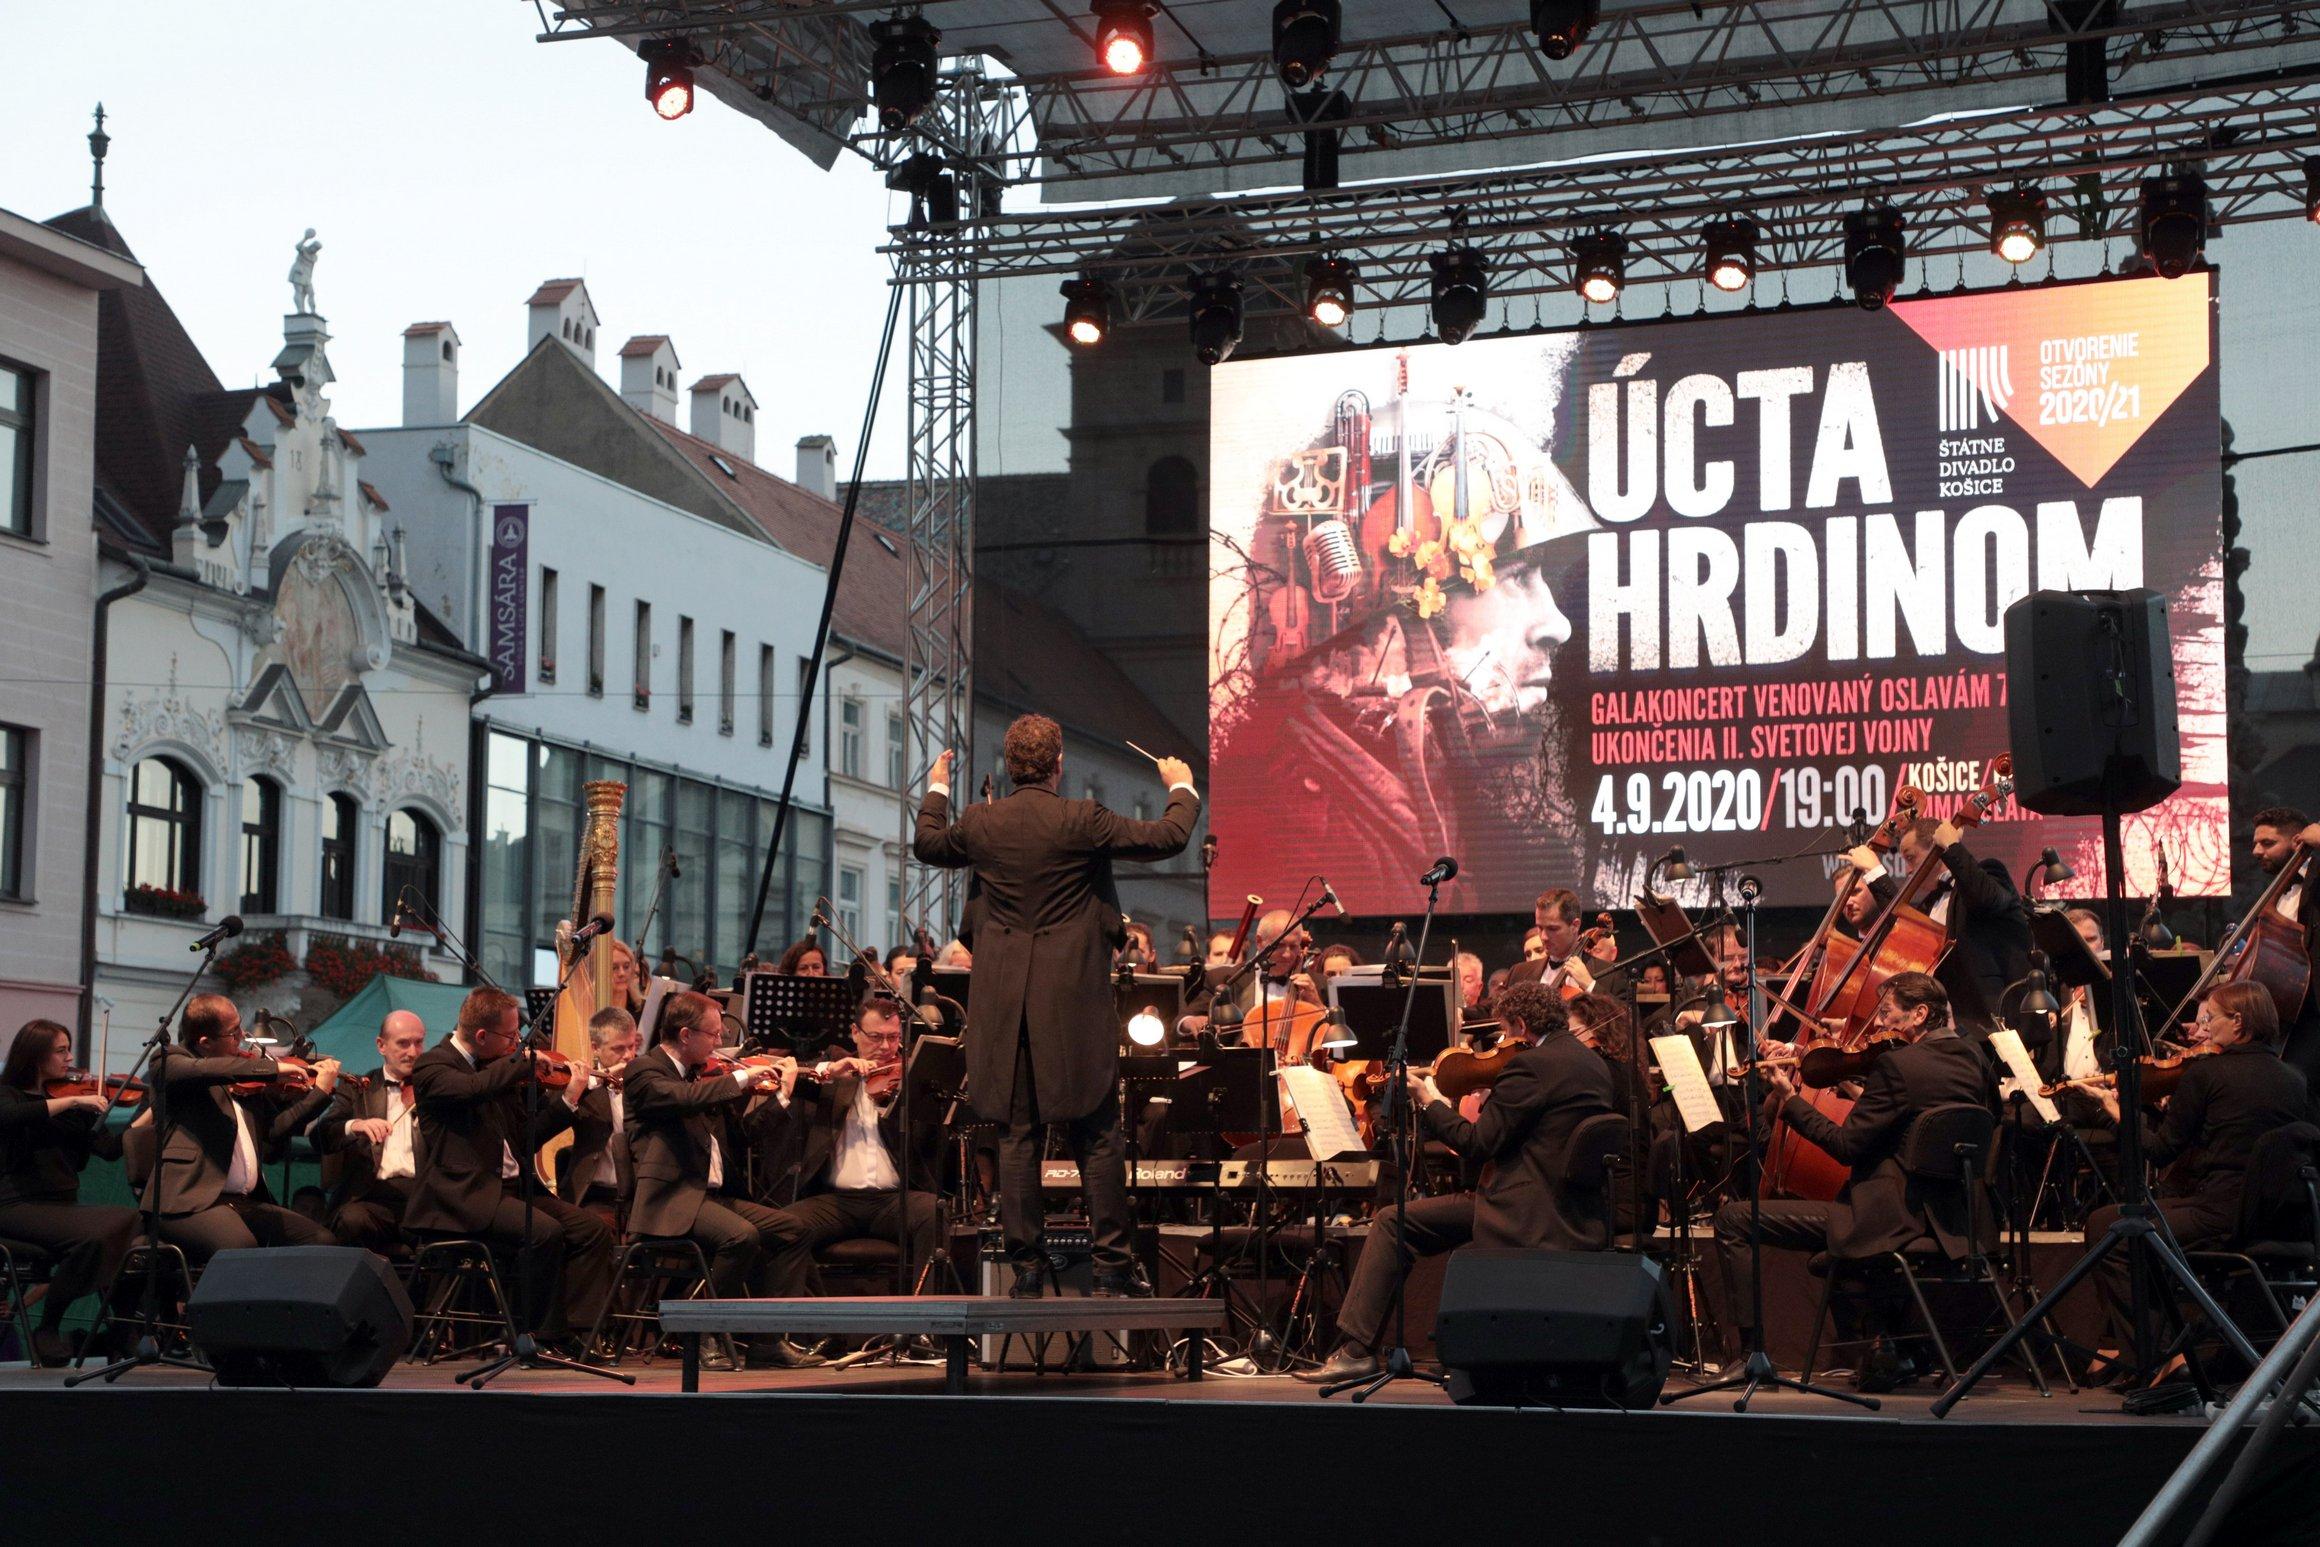 KoncertUctaHrdinom7